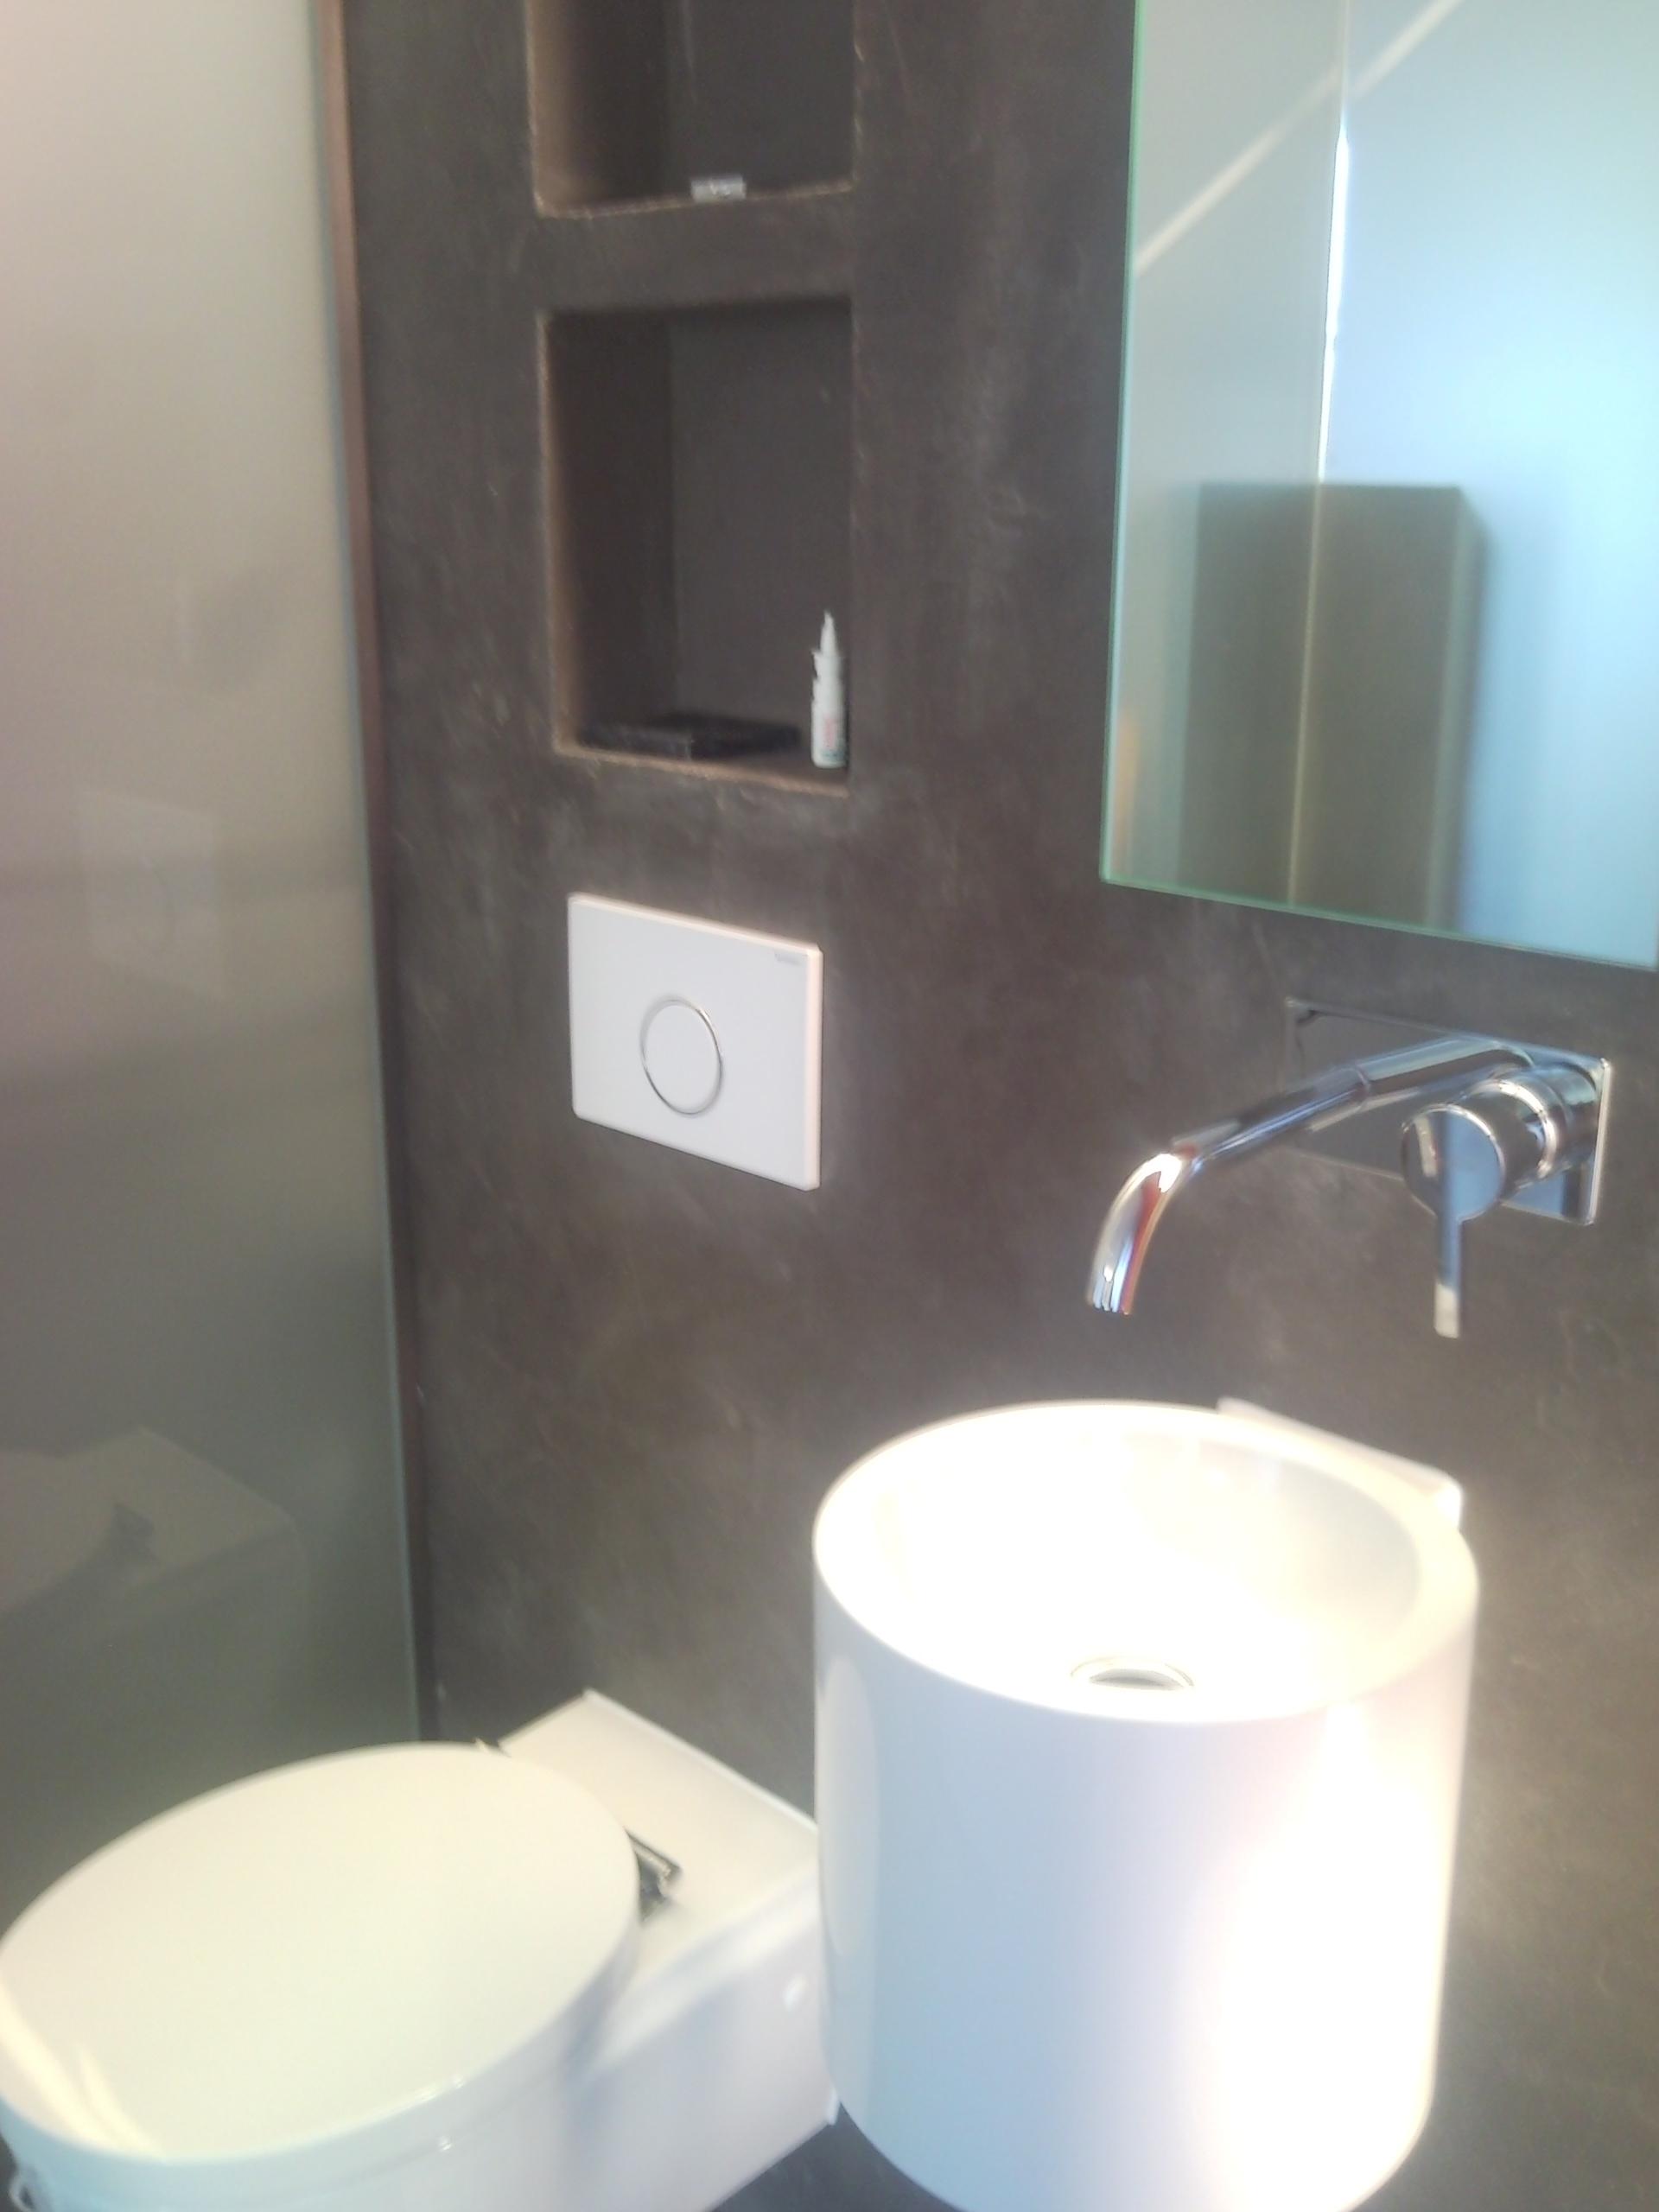 Badezimmer ideen badewanne: fliesen im bad fliesengestaltung ...